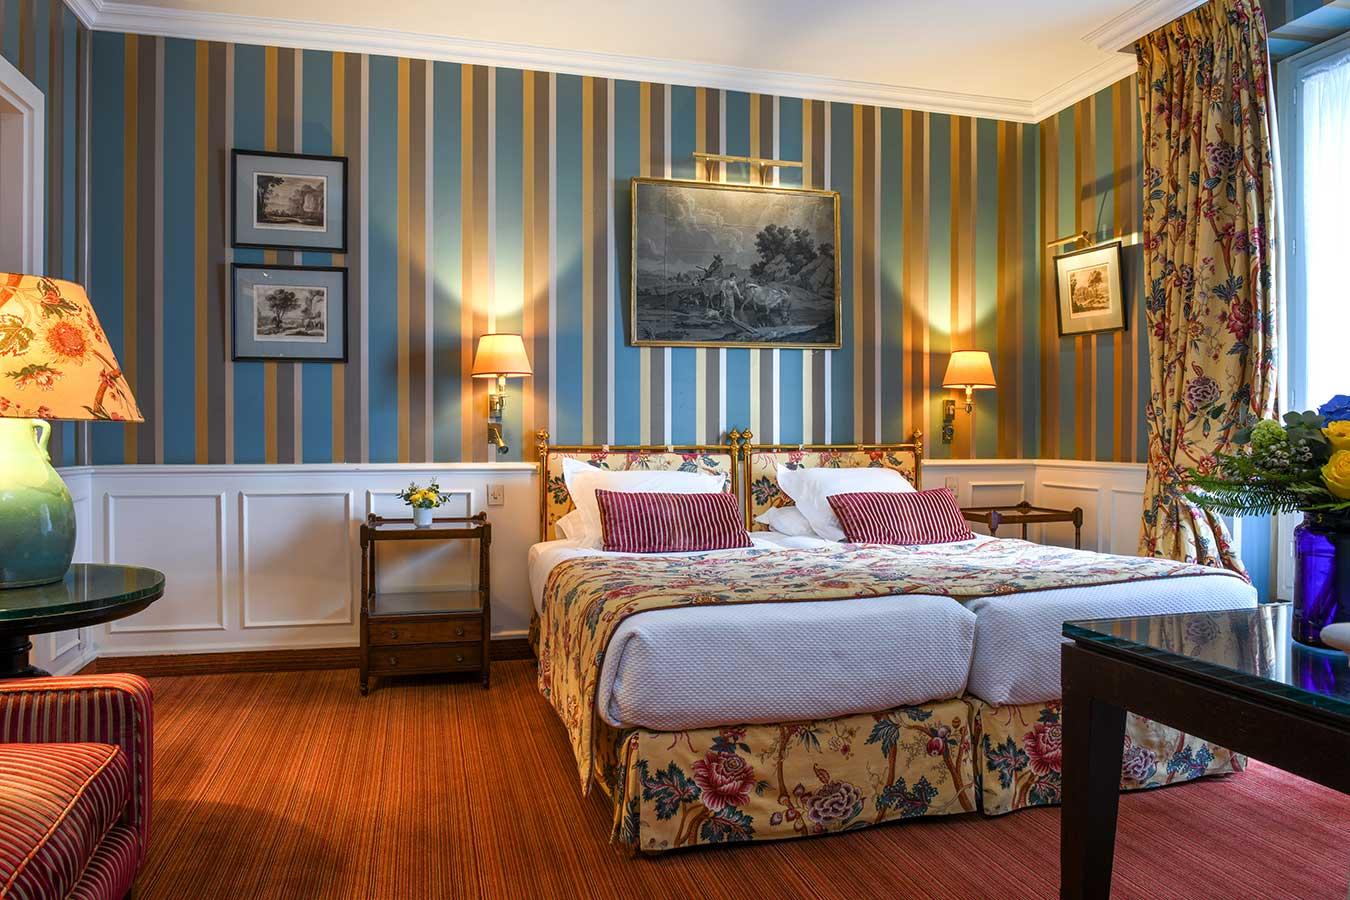 Parisienne Deluxe - Grand lit en configuration twin, harmonie de couleurs jaune, bleu et rose avec papier peint à rayures verticales